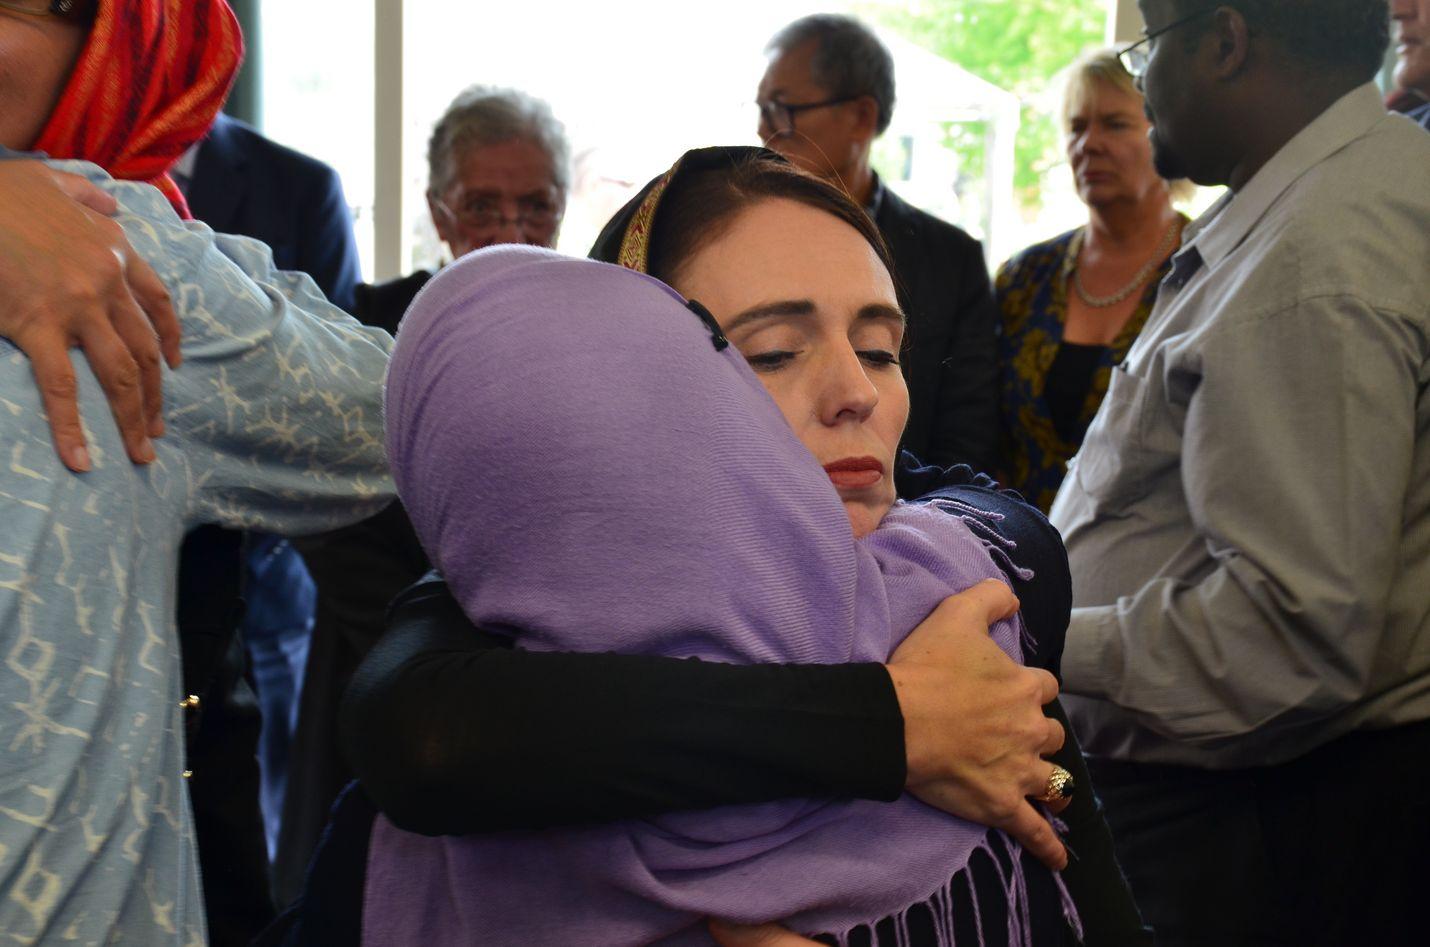 Uuden-Seelannin pääministeri Jacinda Ardern tapasi Christchurchin muslimeita moskeijaiskun jälkeen viime maaliskuussa. Hänen kerrotaan pitäneen päähuivia tuen osoituksena.